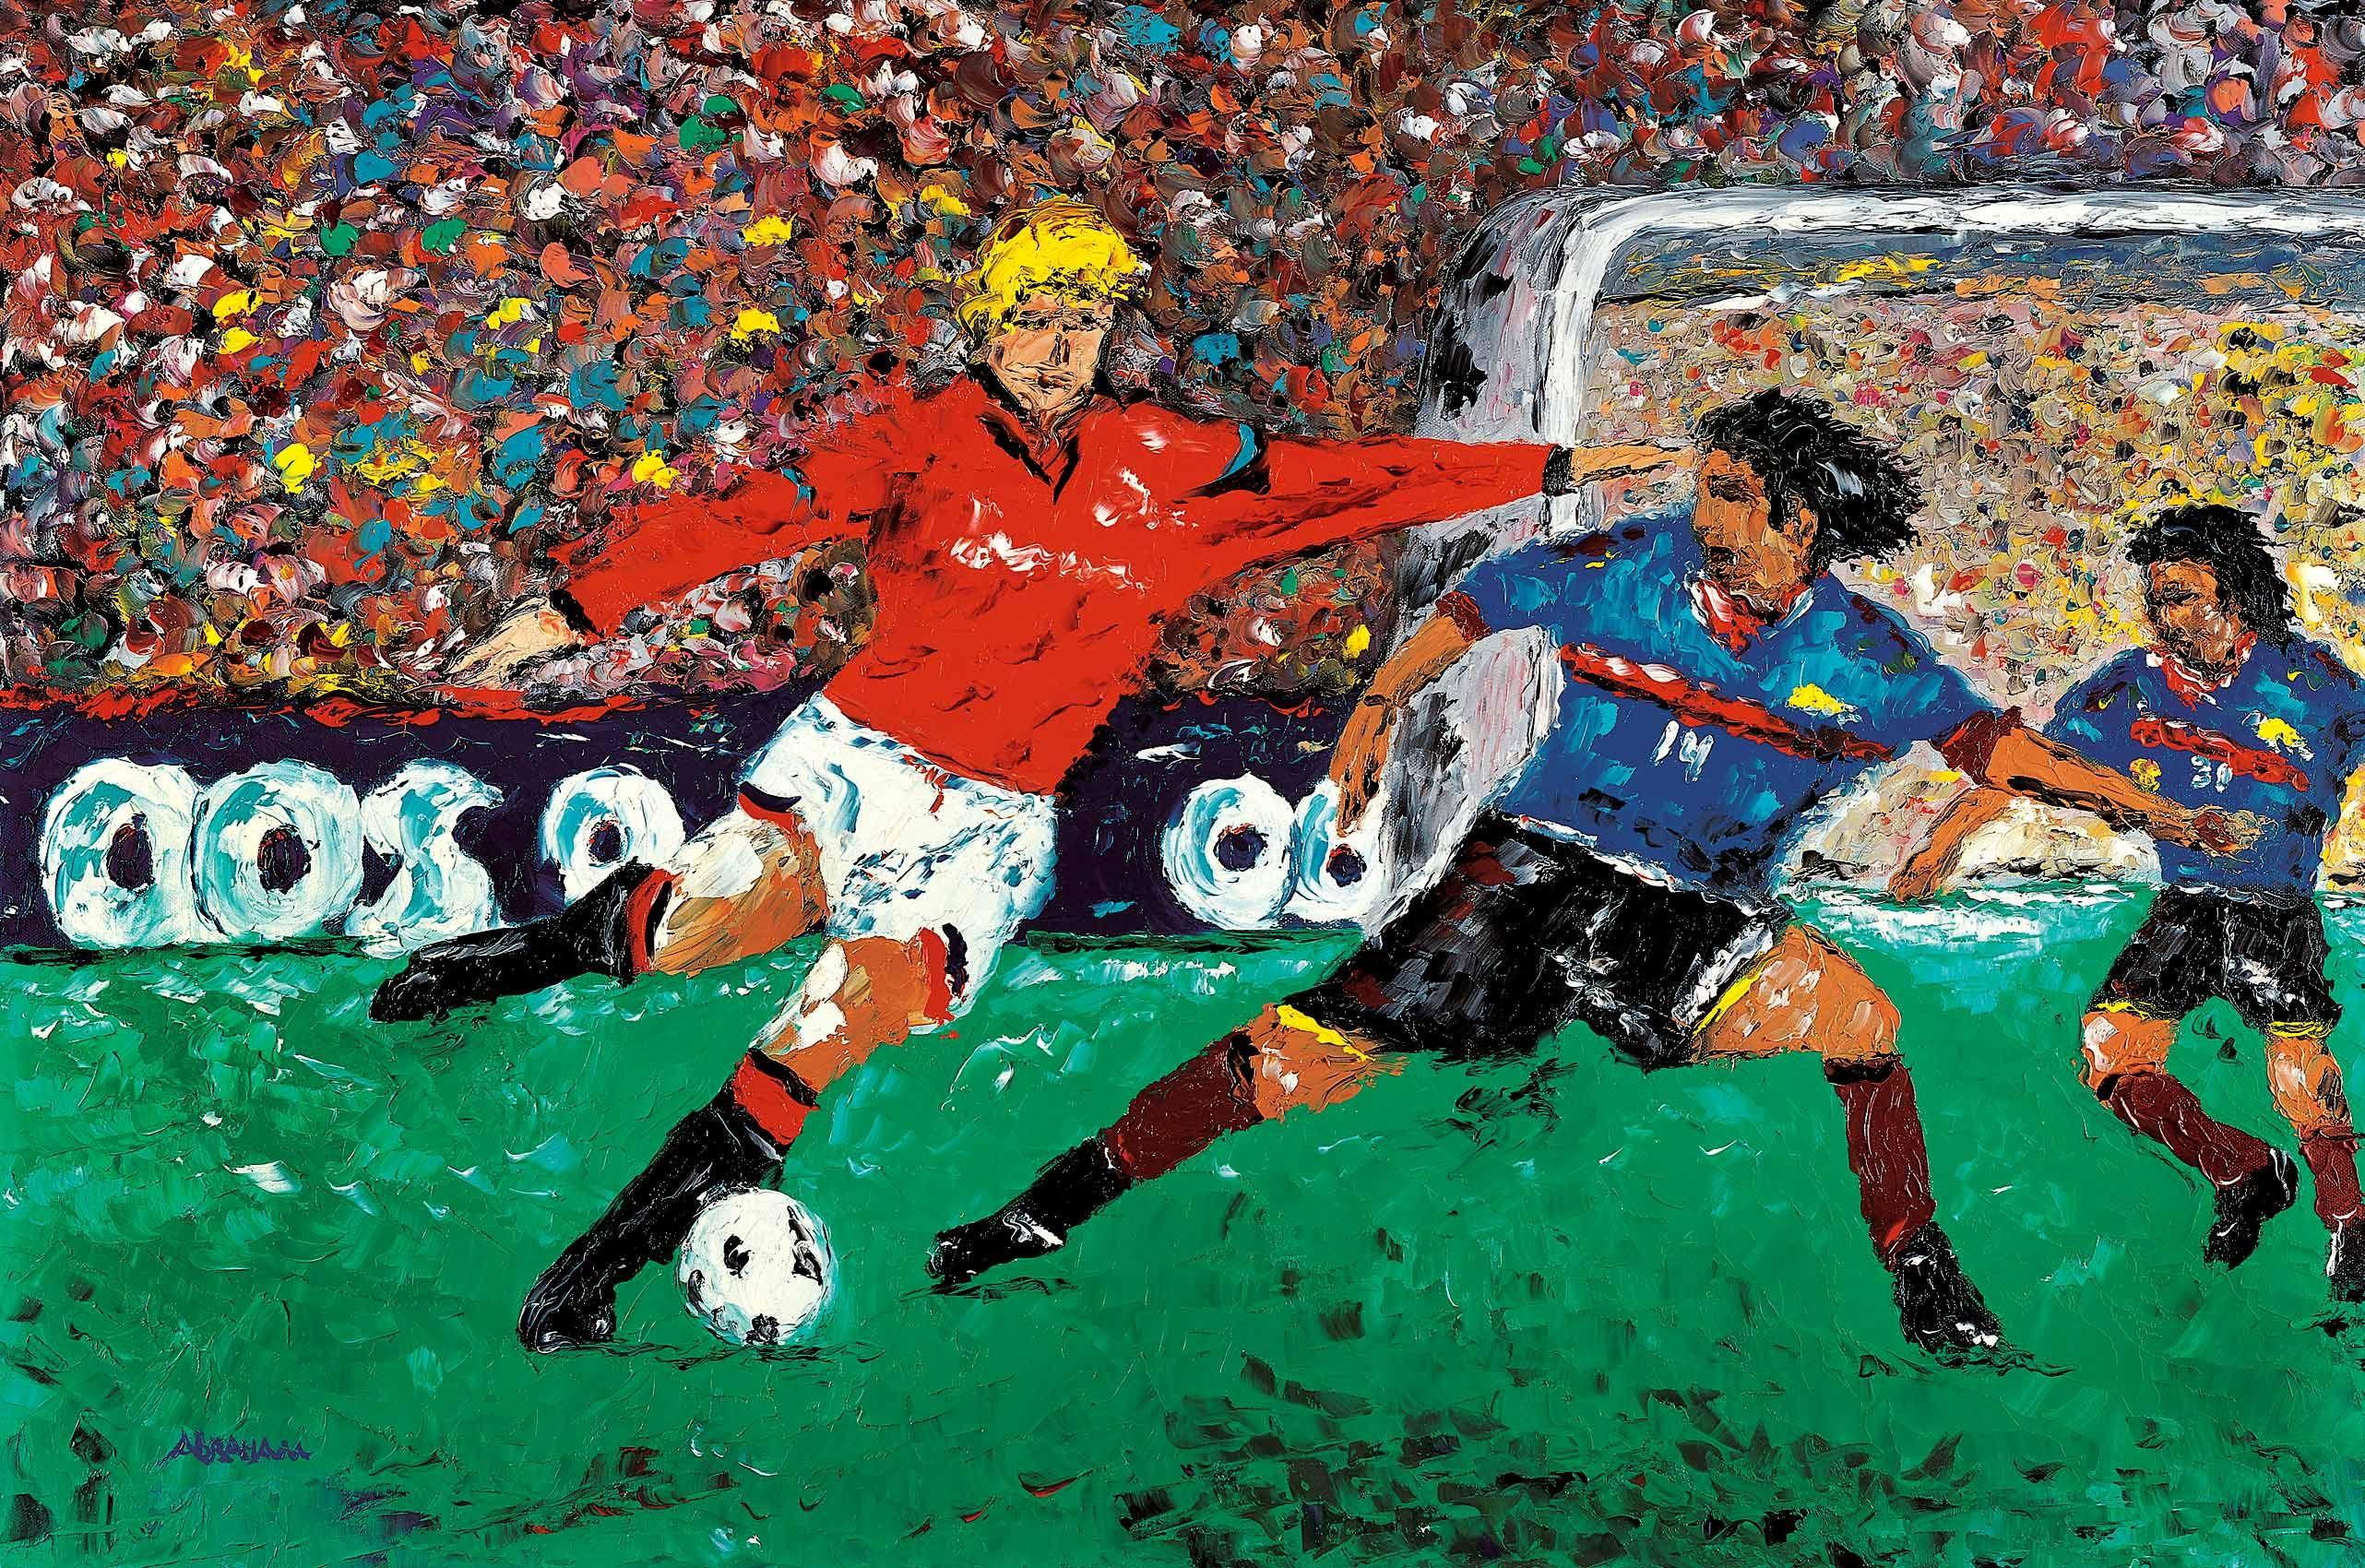 картинки о футболе композиционные даже выпускала